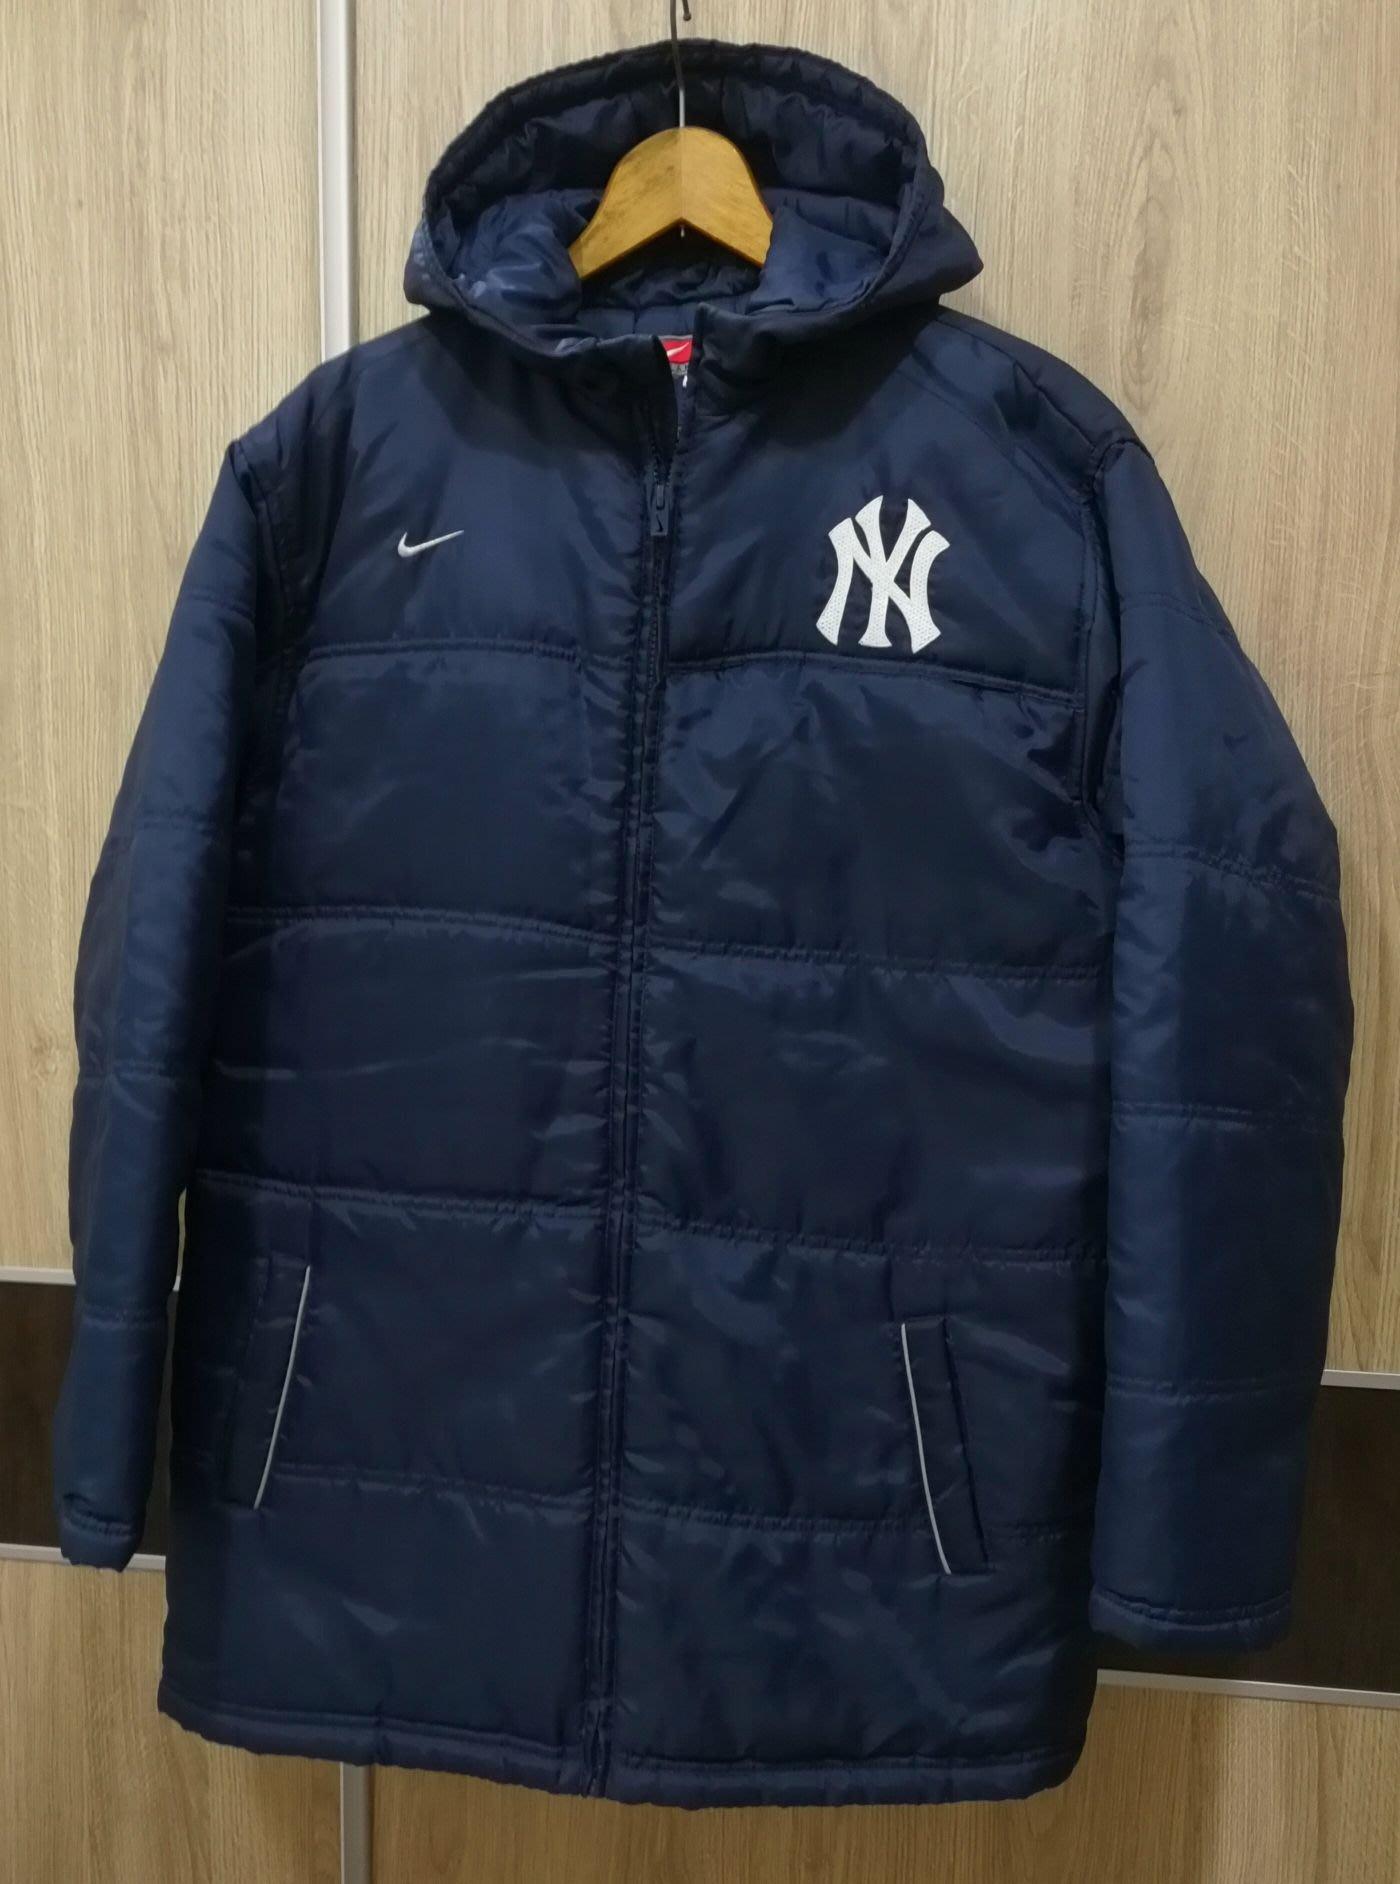 美國帶回 Nike全新正品 洋基Yankee帽T 尼龍外套 藍色S號 無吊牌 美國size M身材也可穿